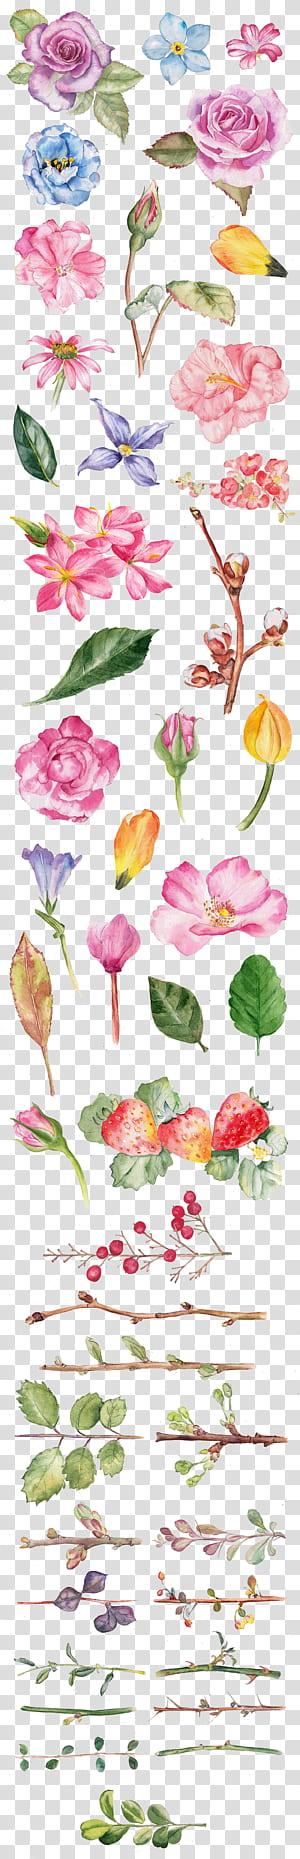 Pintura em aquarela Flor desenho ilustração, aquarela rosa, flores de cores sortidas com fundo azul PNG clipart